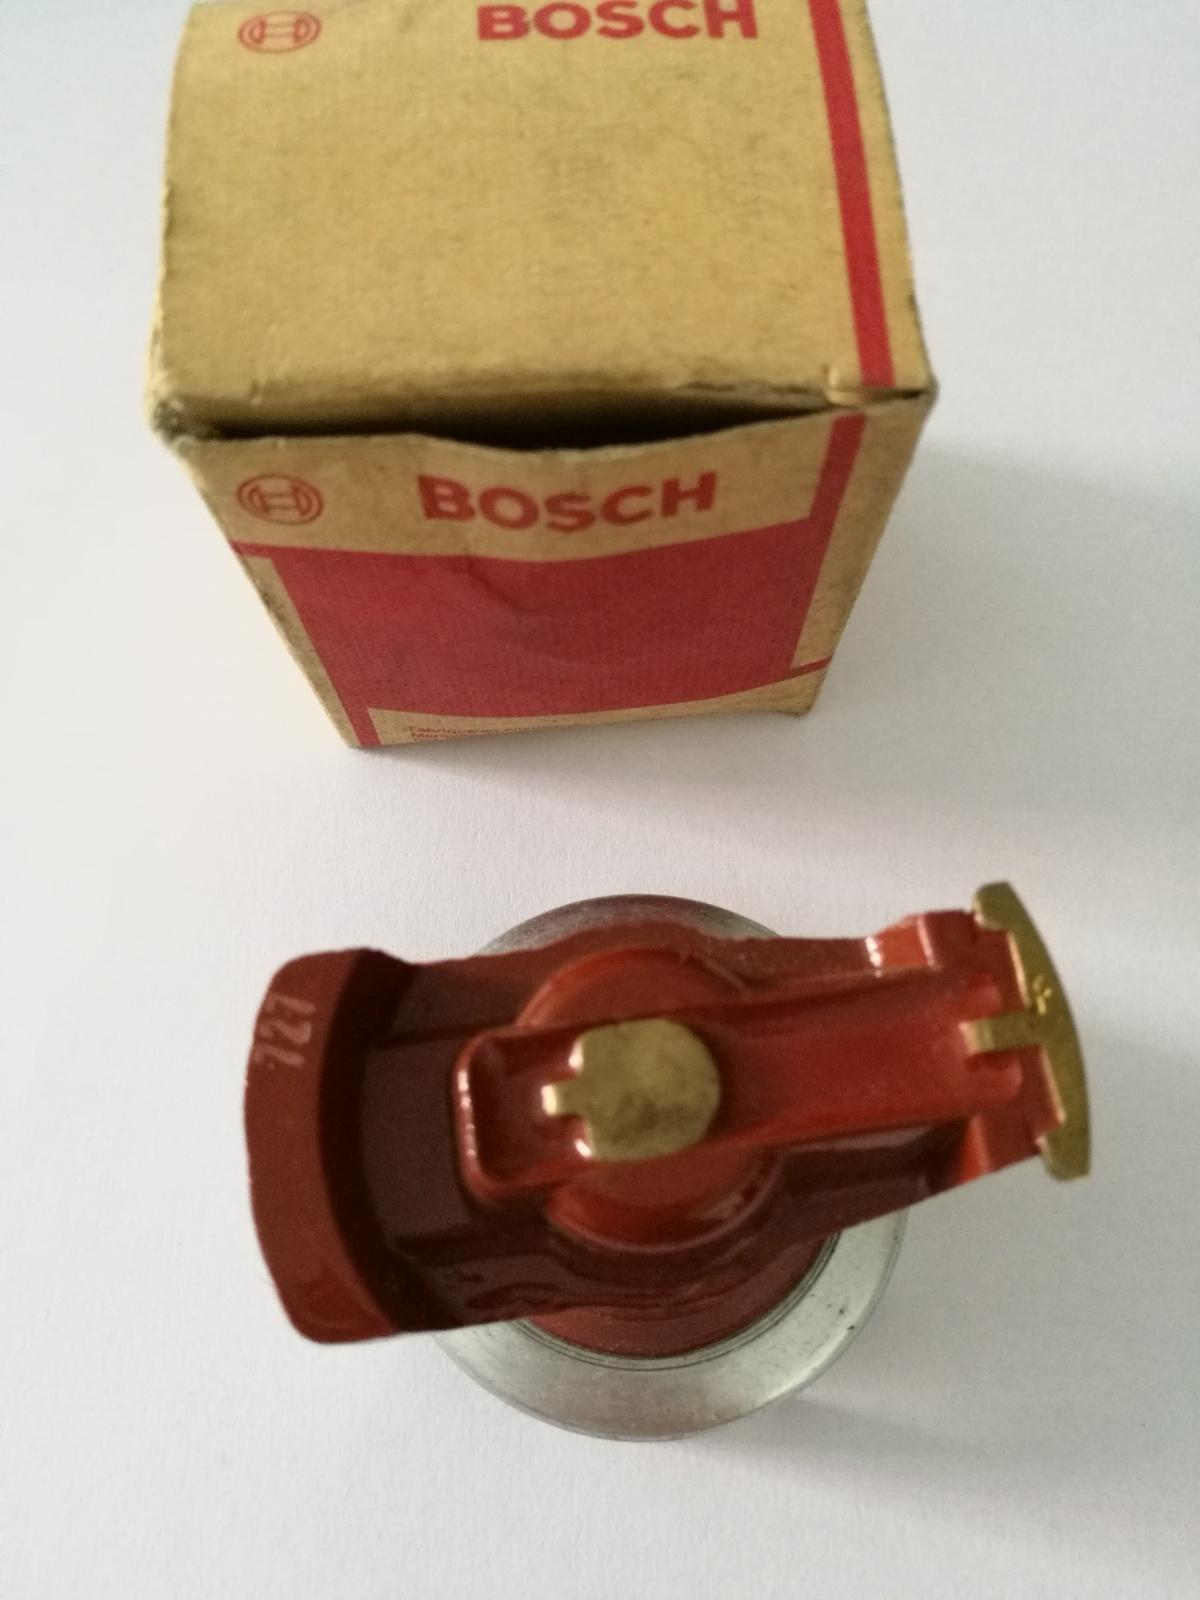 Bosch 1234332235 Zündverteilerläufer Verteilerläufer distributor Zündverteiler